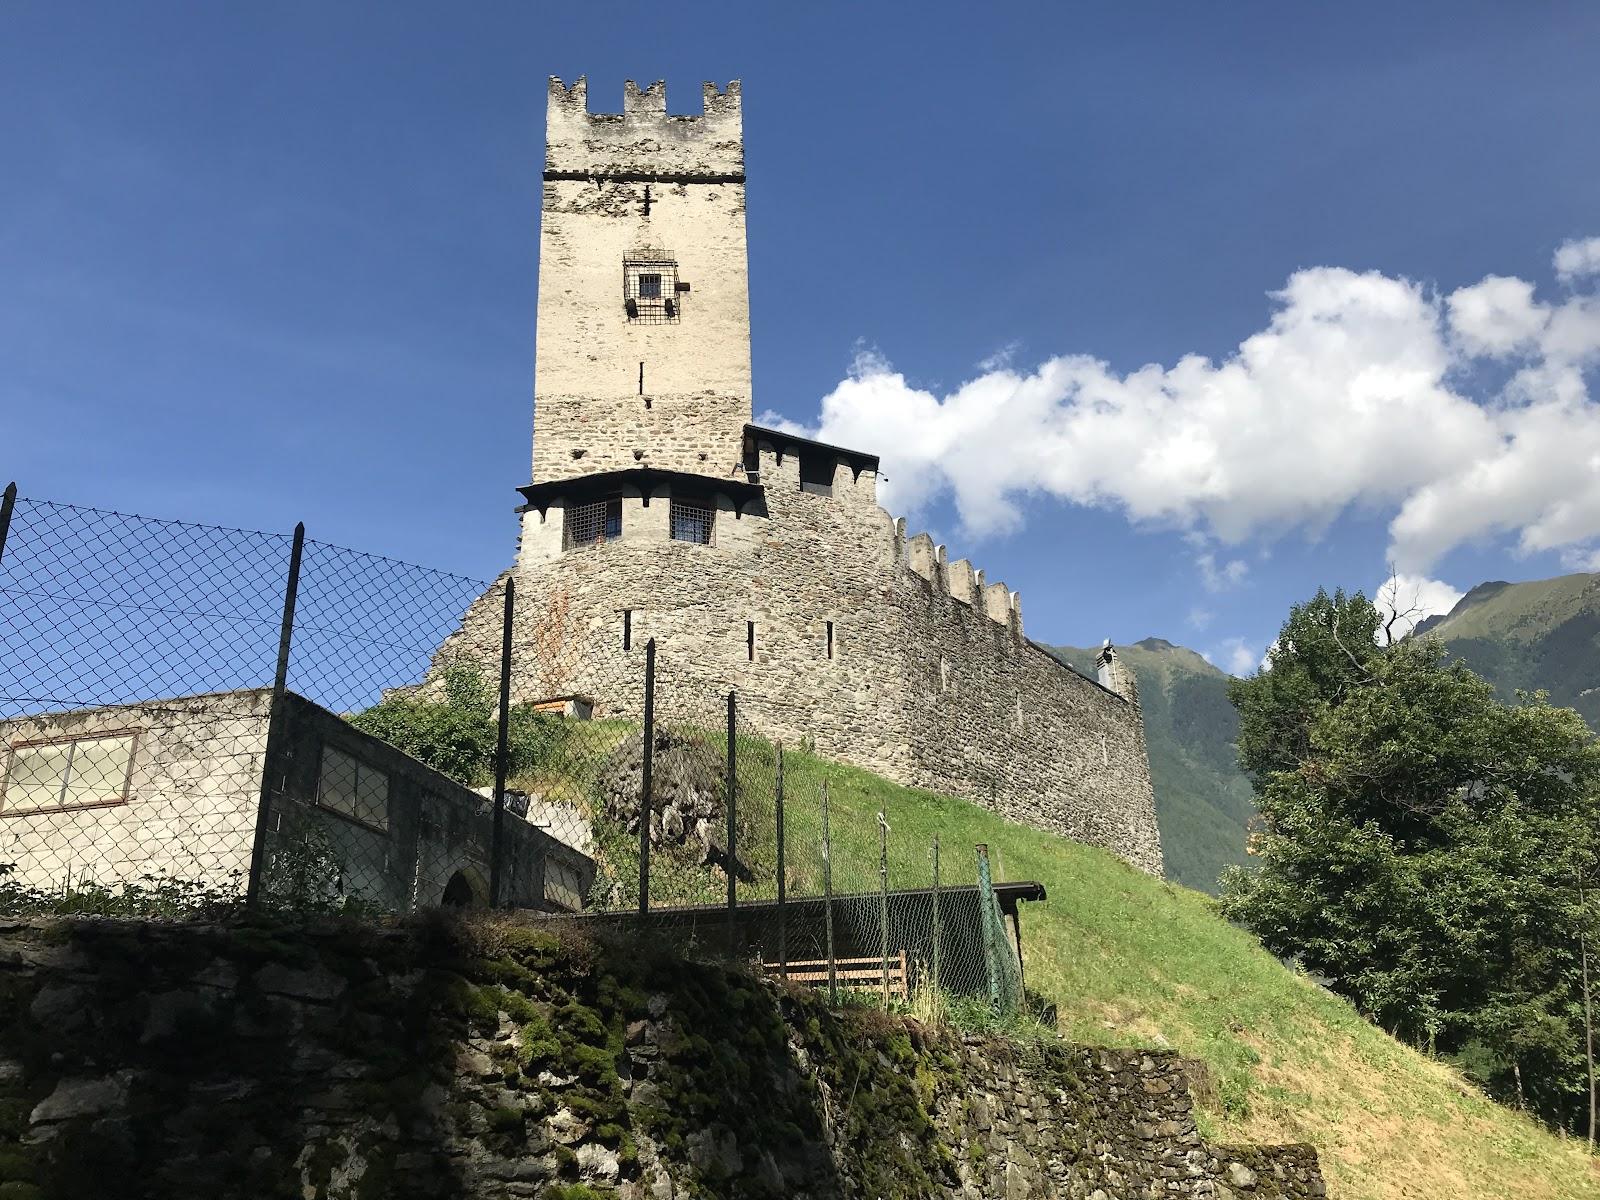 Climbing Passo del Mortirolo from Mazzo di Valtellina, castle